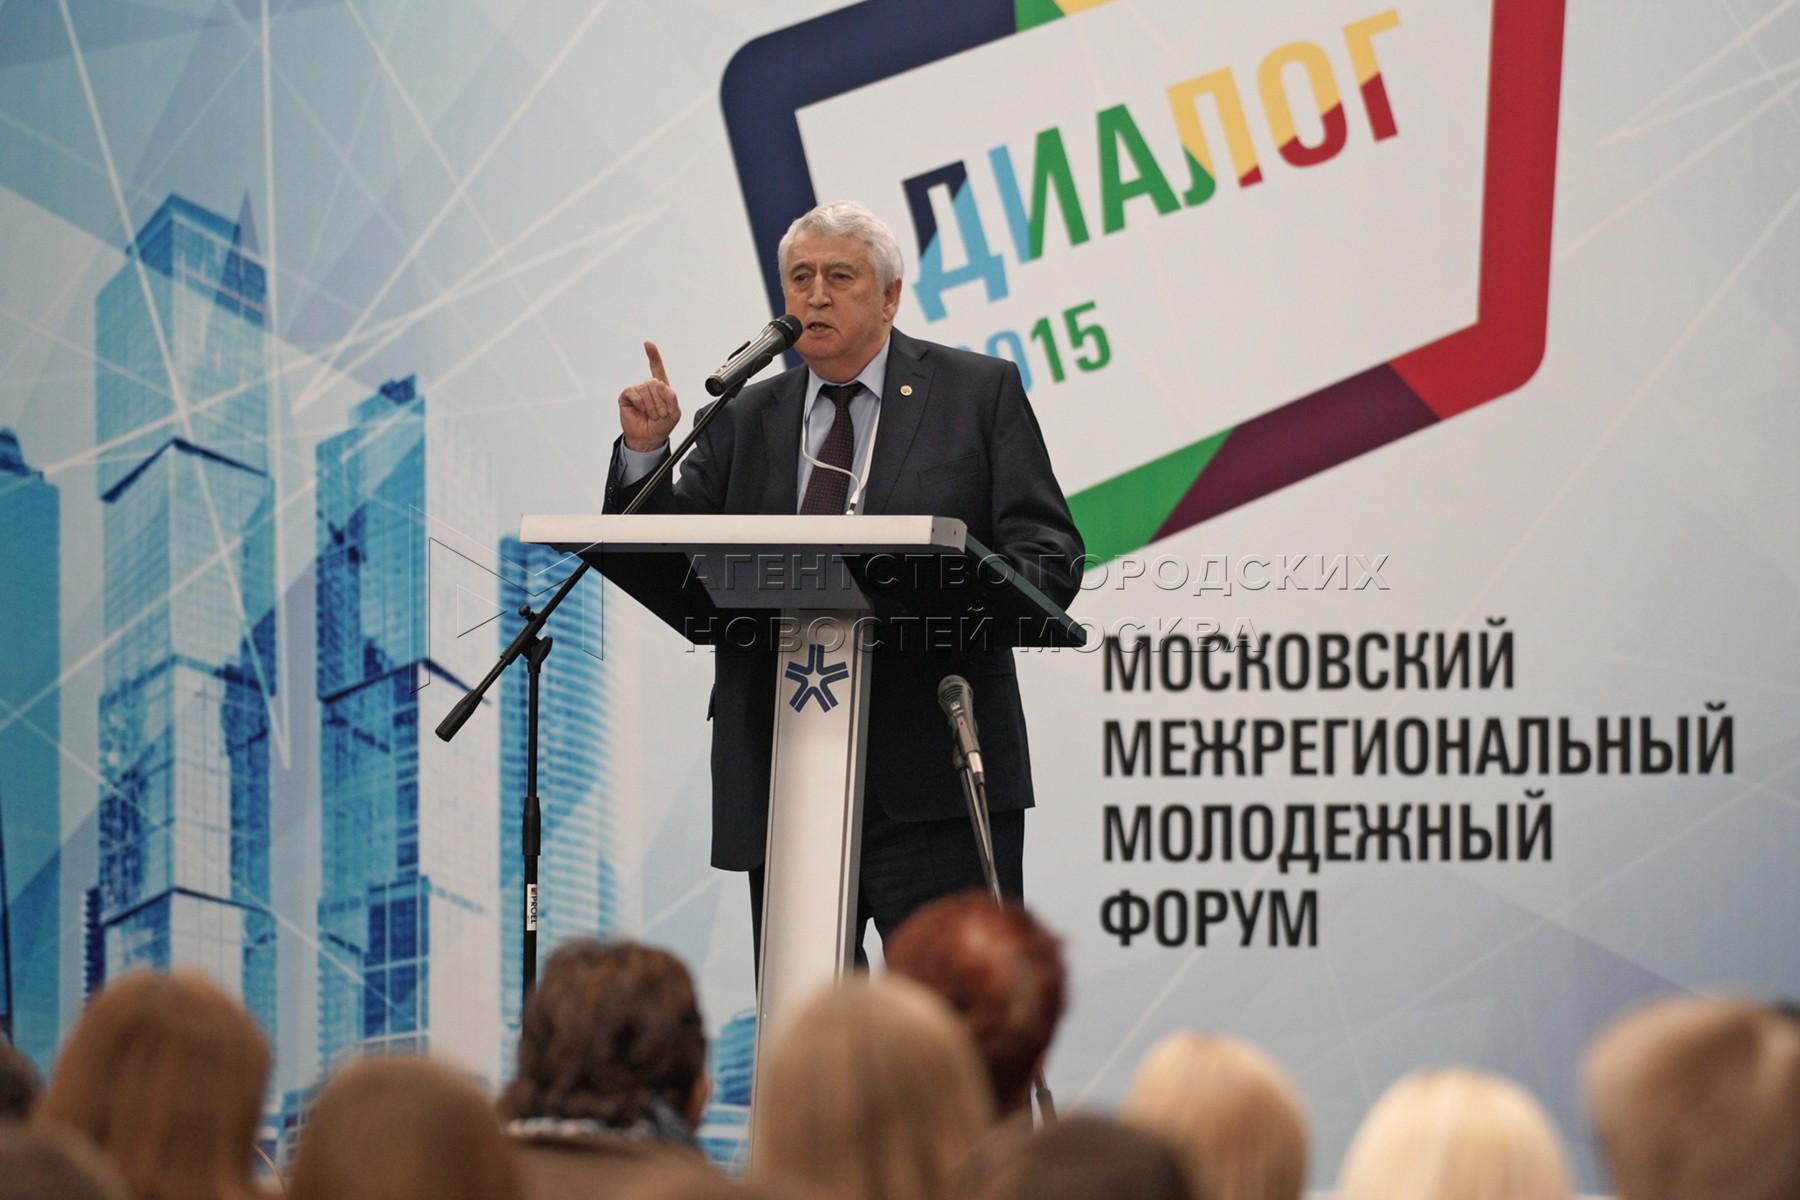 Ректор Российской международной академии туризма Евгений Трофимов